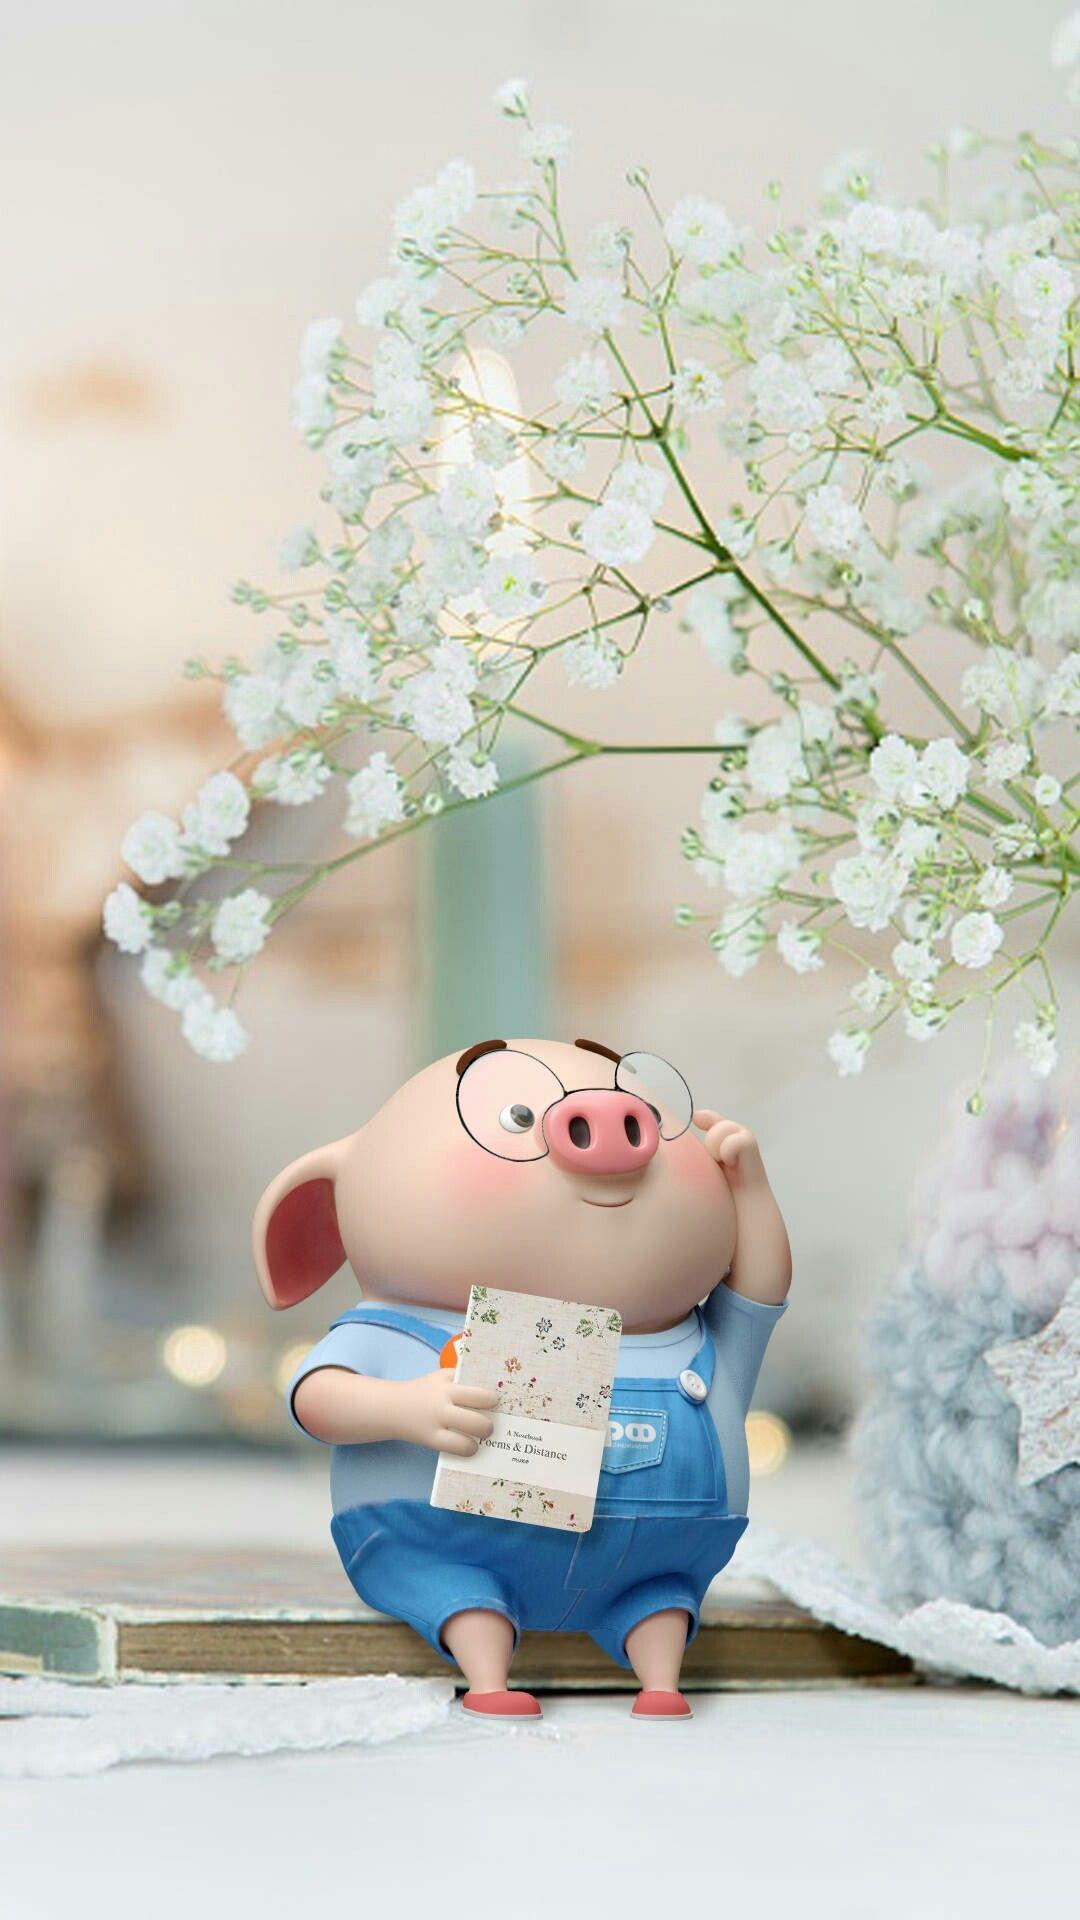 Ghim của Yin Yee trên Anime Lợn con, Hình nền, Minh họa